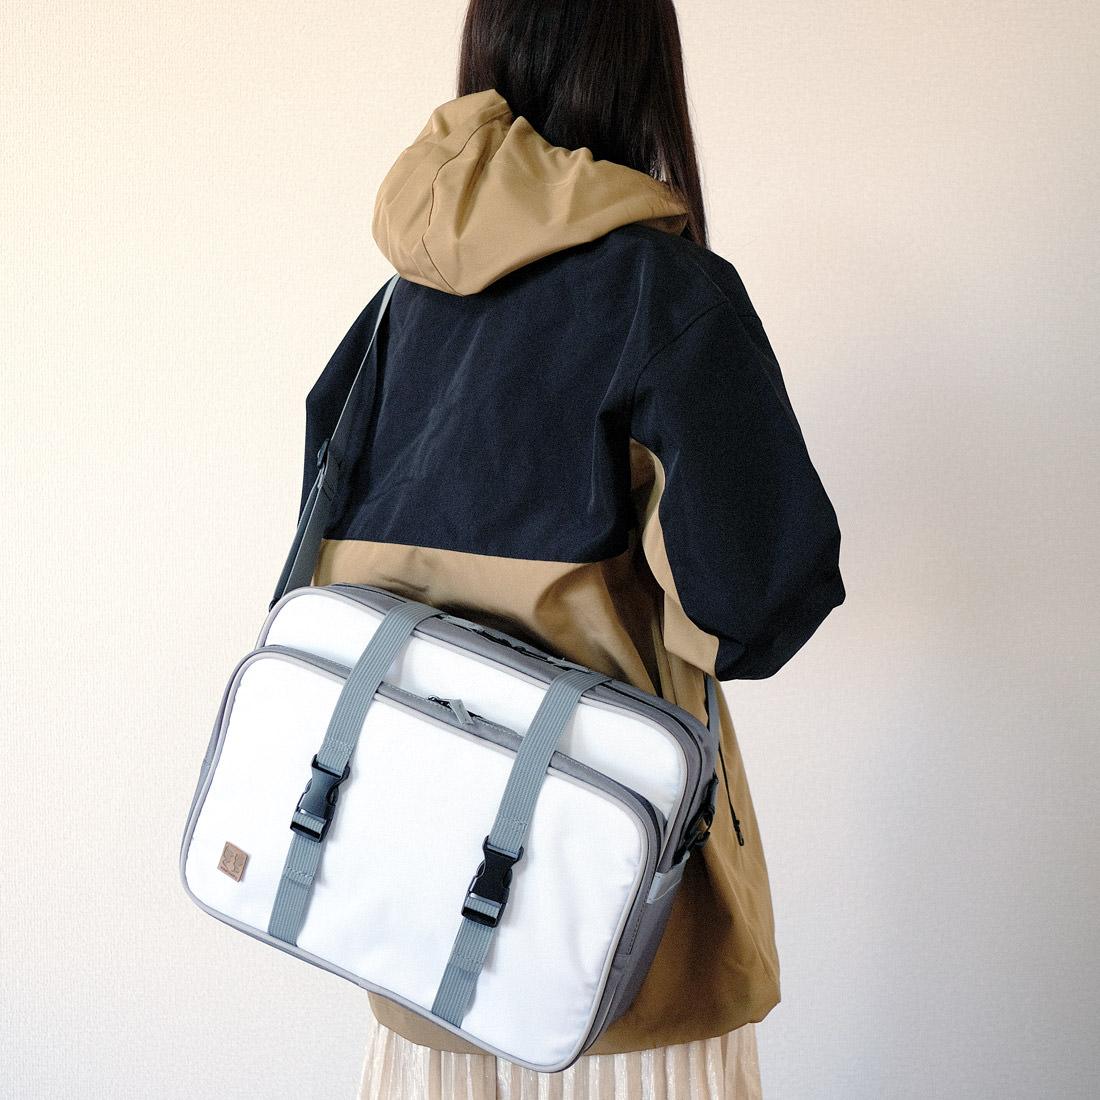 【ゆるキャン△】劇中に登場したリンちゃんのサイドバッグ、ボアパーカー、なでしこのショルダーバッグなどがヴィレヴァンオンラインに登場